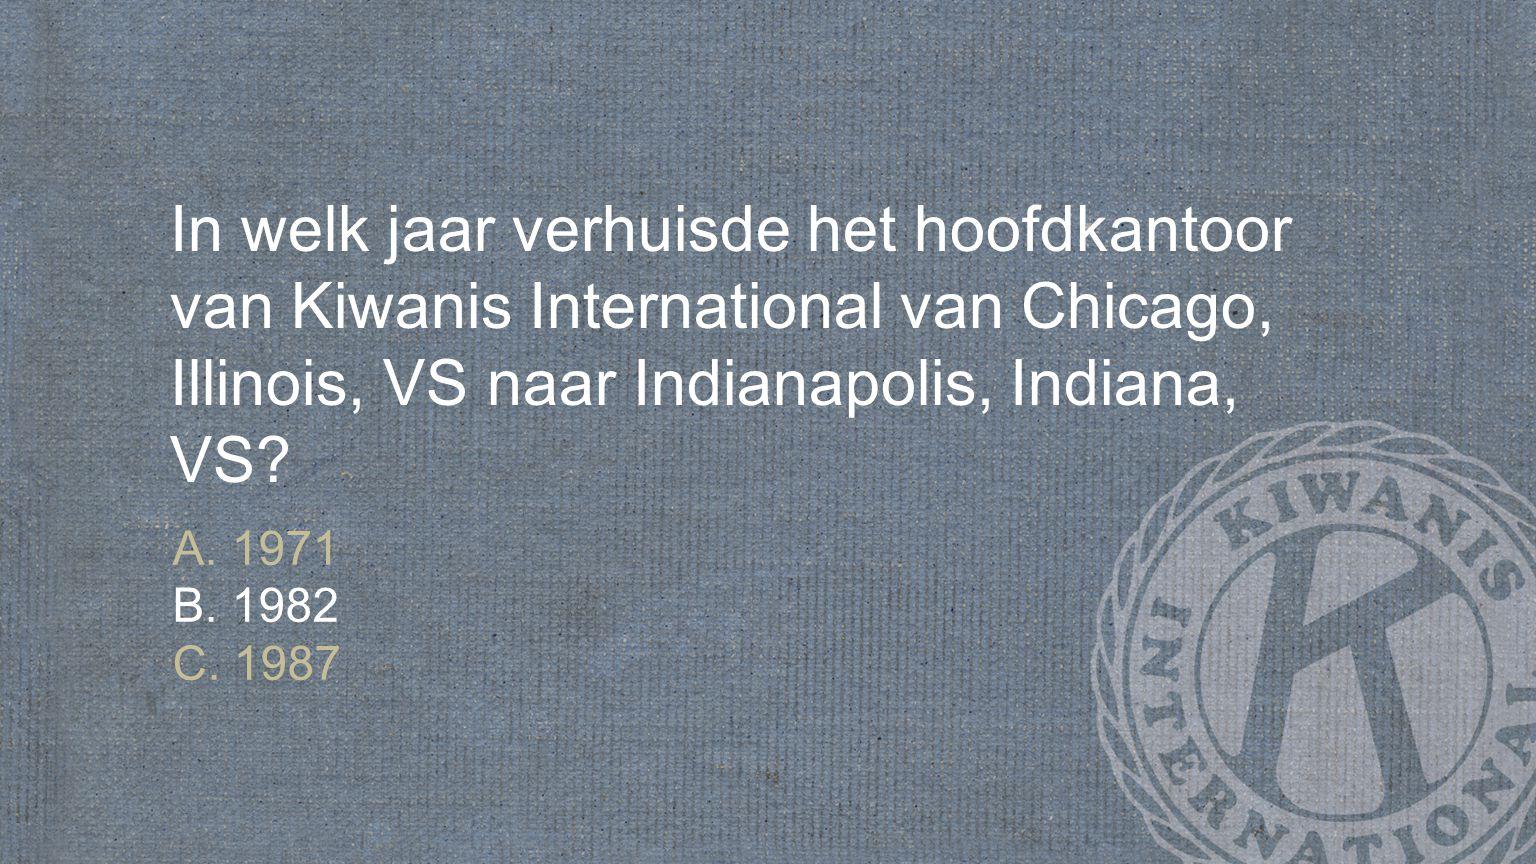 In welk jaar verhuisde het hoofdkantoor van Kiwanis International van Chicago, Illinois, VS naar Indianapolis, Indiana, VS.